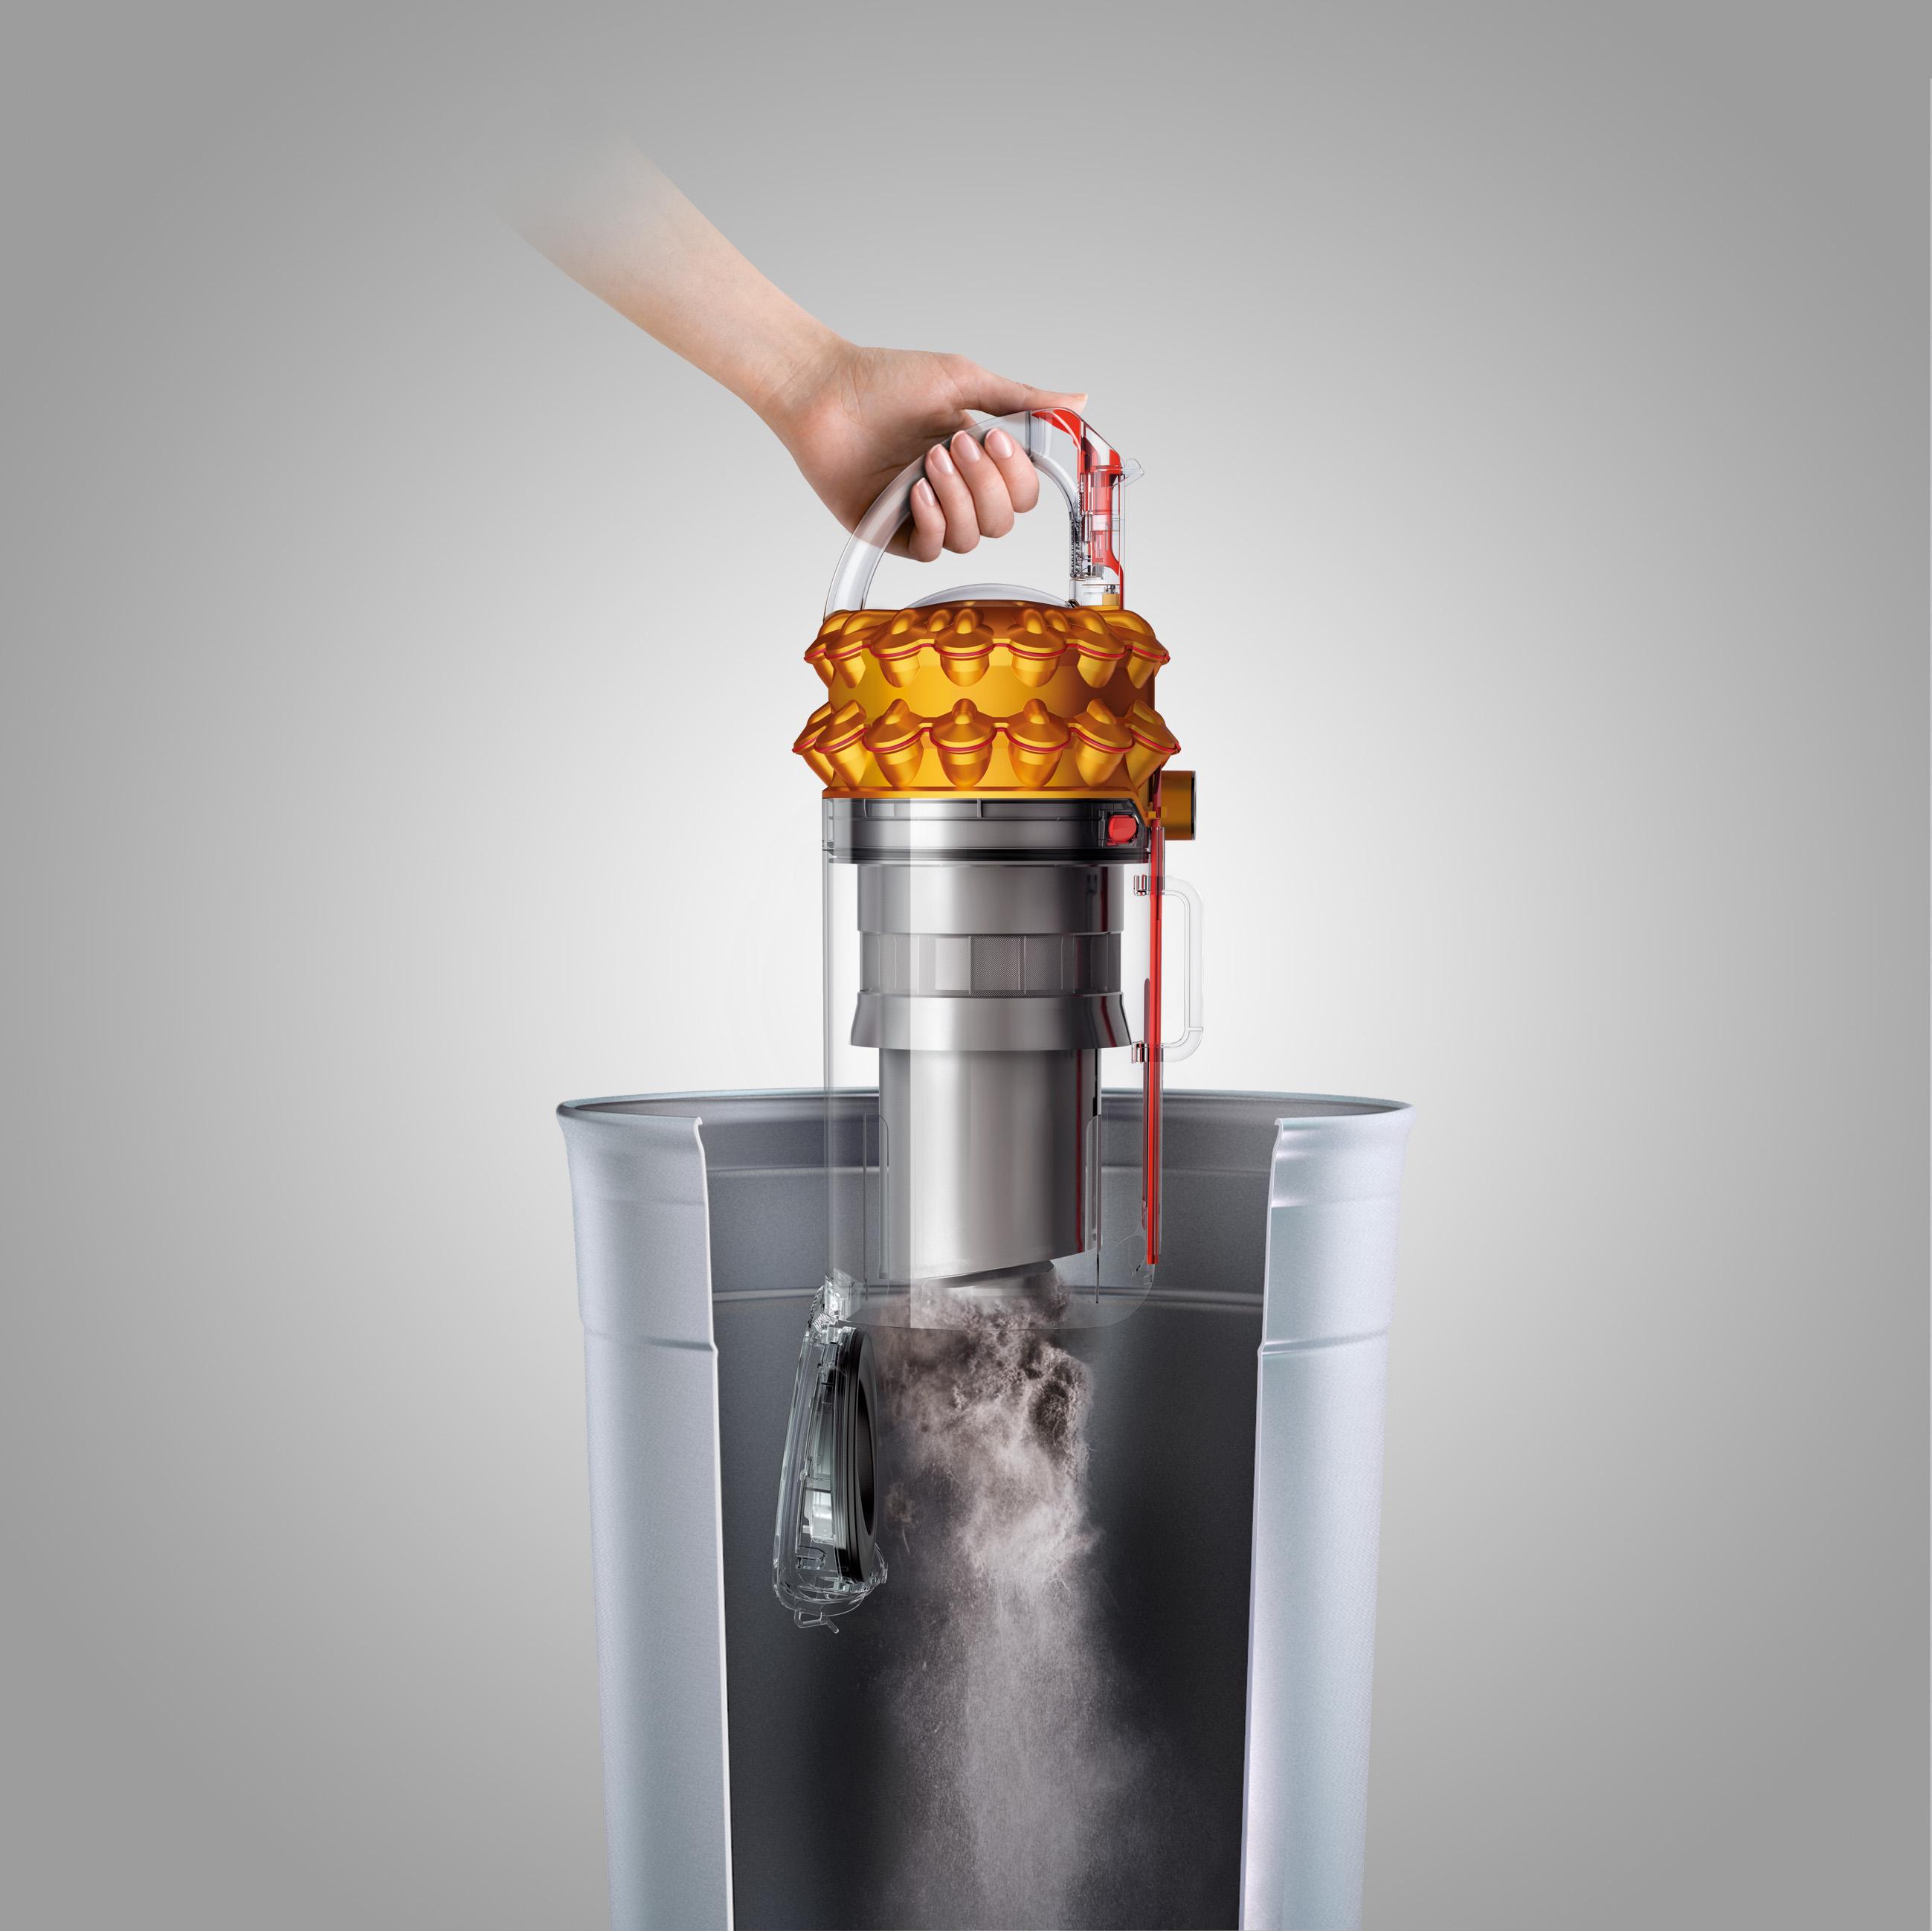 Как помыть пылесос dyson дайсон в11 характеристики